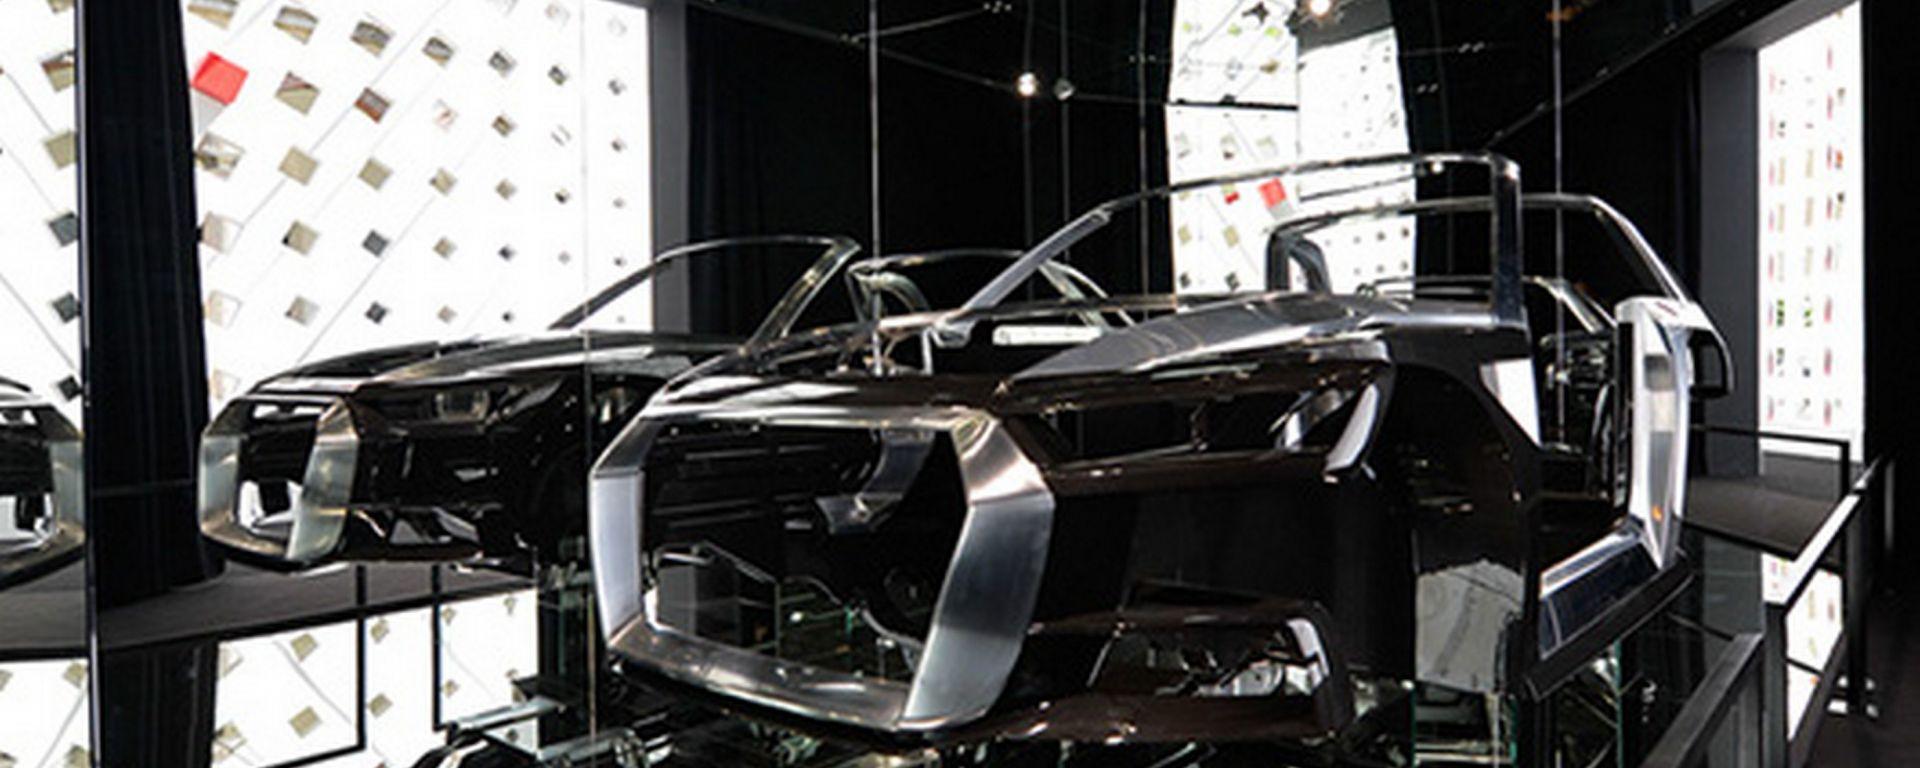 Audi primarchitettura